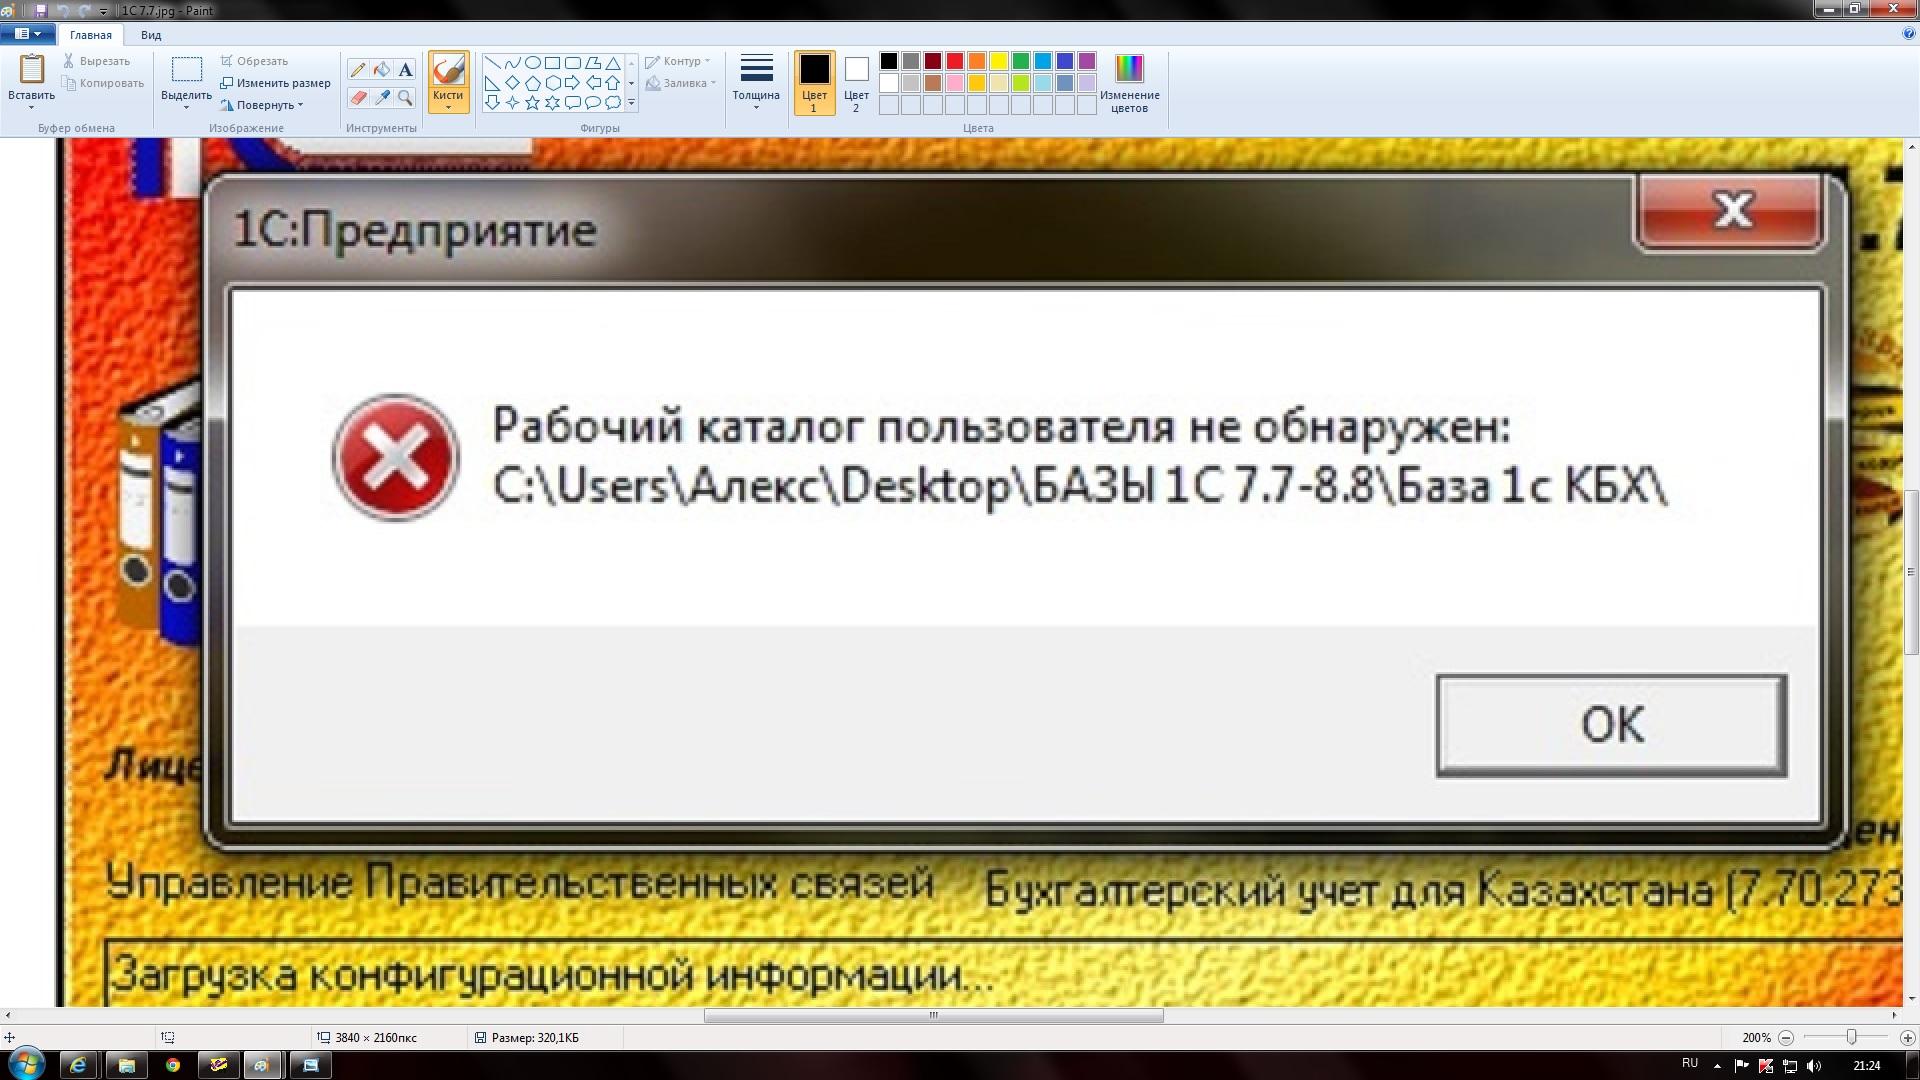 Обновление 1с бухгалтерия 1.6.28.2 postgresql установка 1с